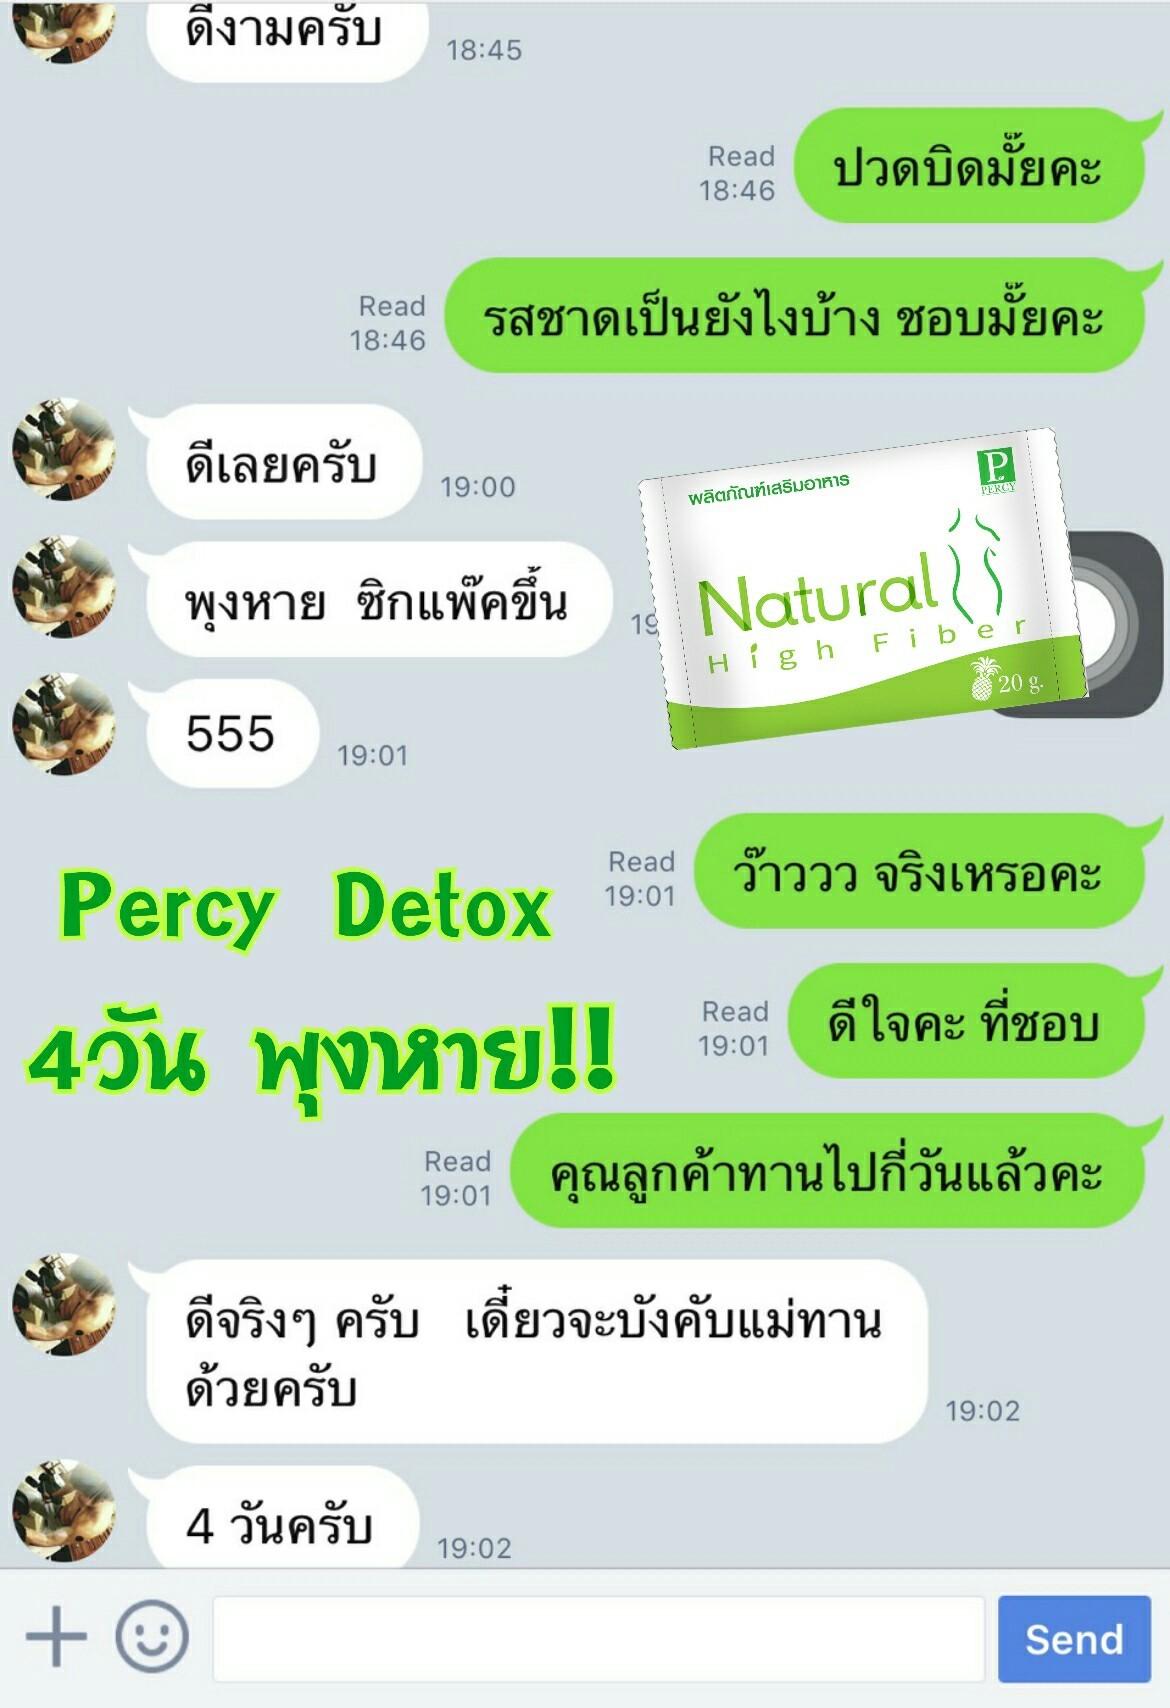 เพอร์ซี่ดีท็อกซ์รีวิว ( Percy Daily Detox Review )